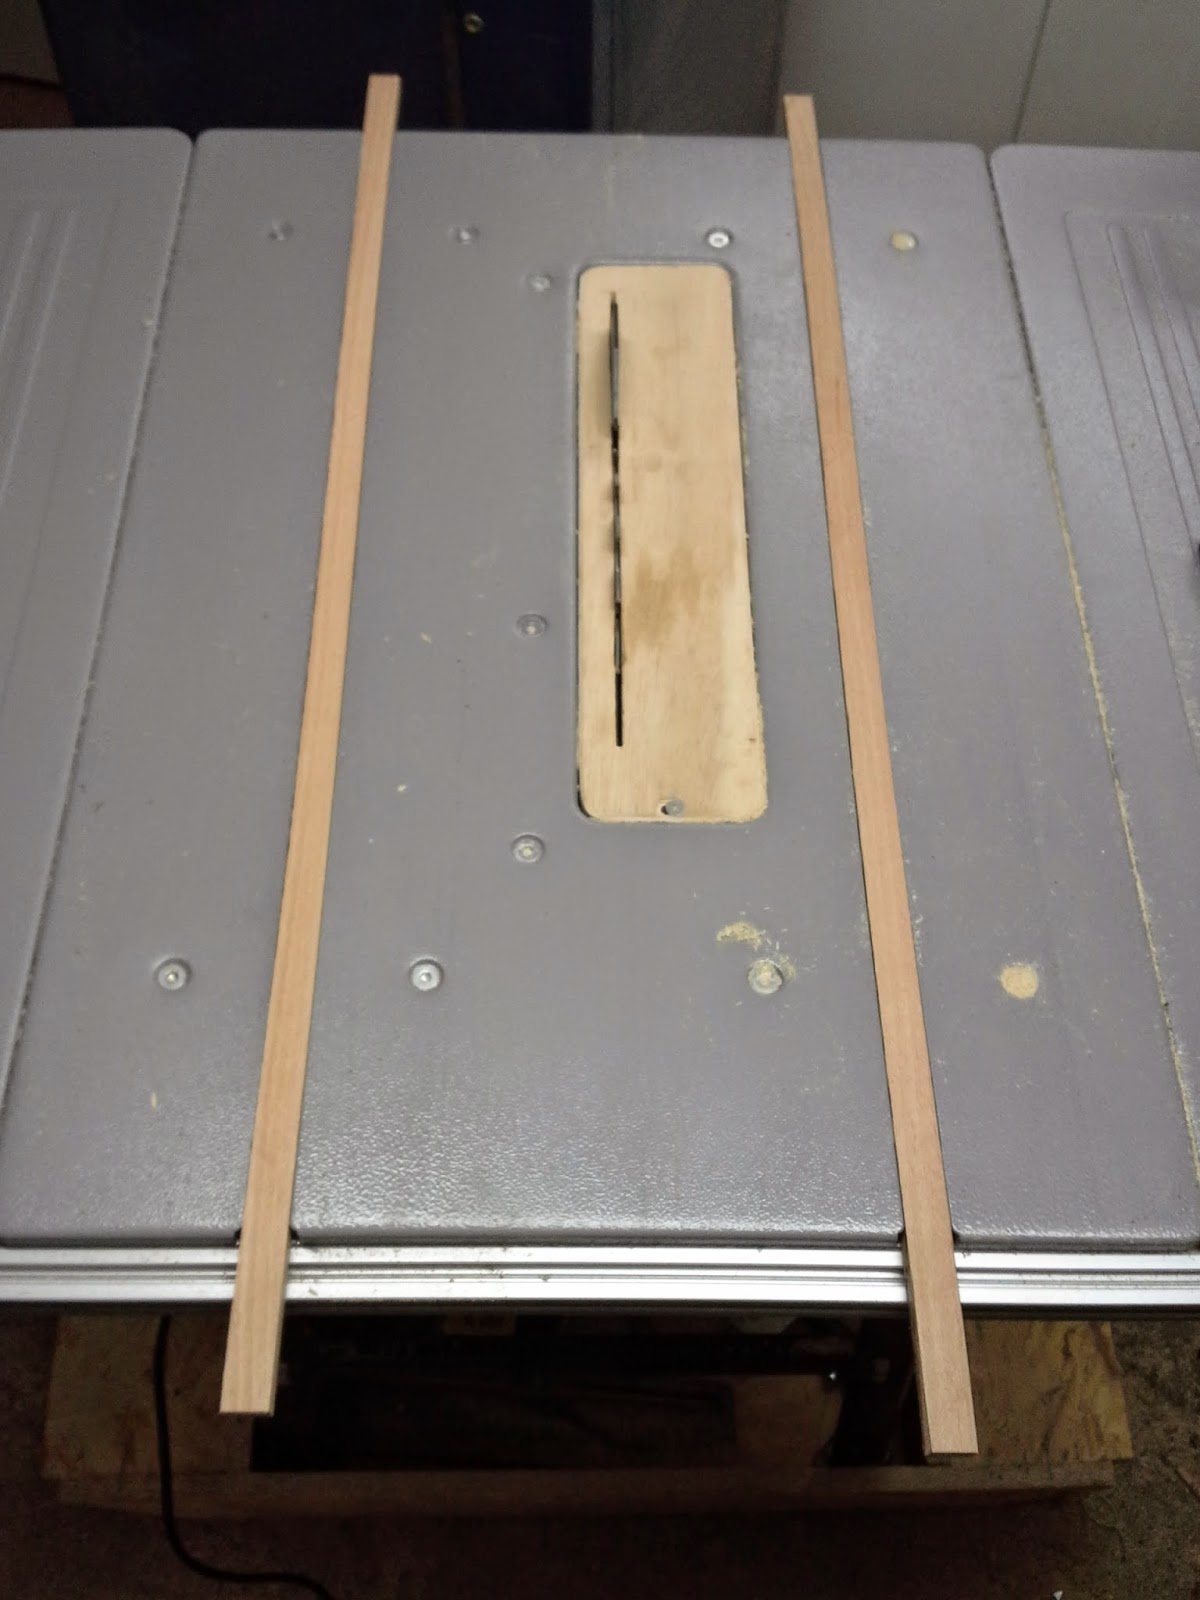 holz und metall ein heimwerkerblog schiebeschlitten f r. Black Bedroom Furniture Sets. Home Design Ideas